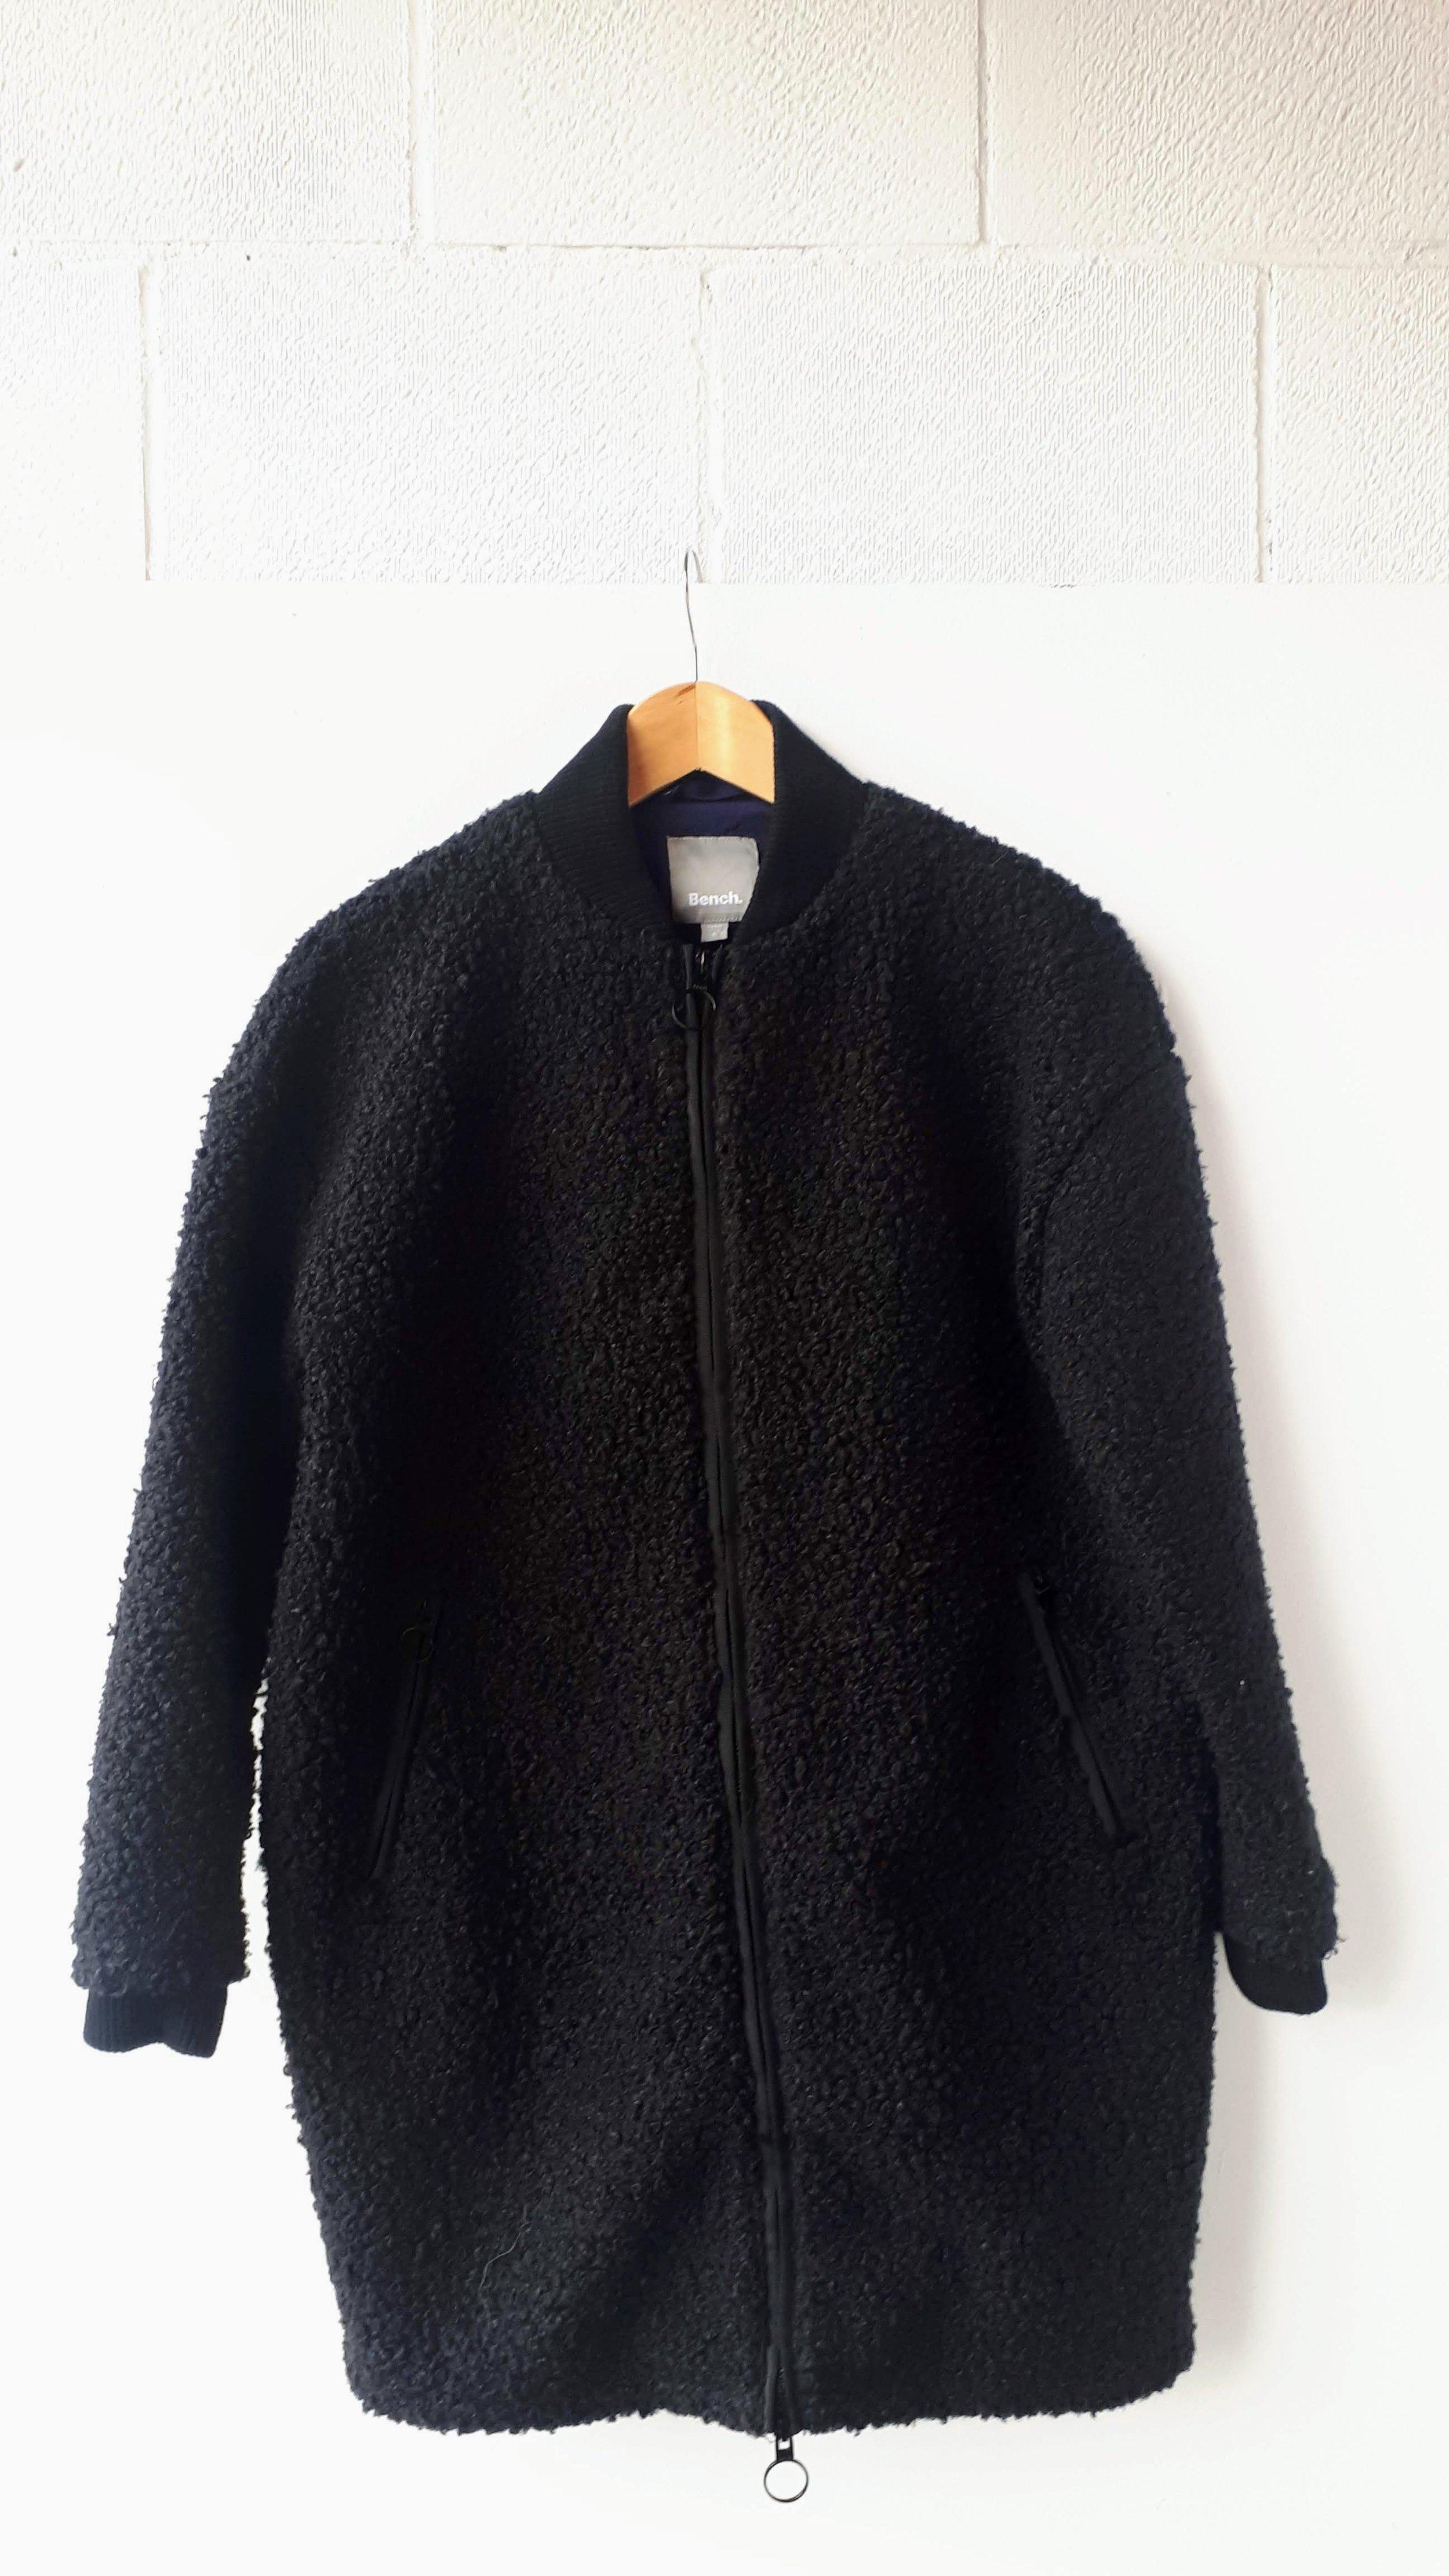 Bench coat; Size S, $89